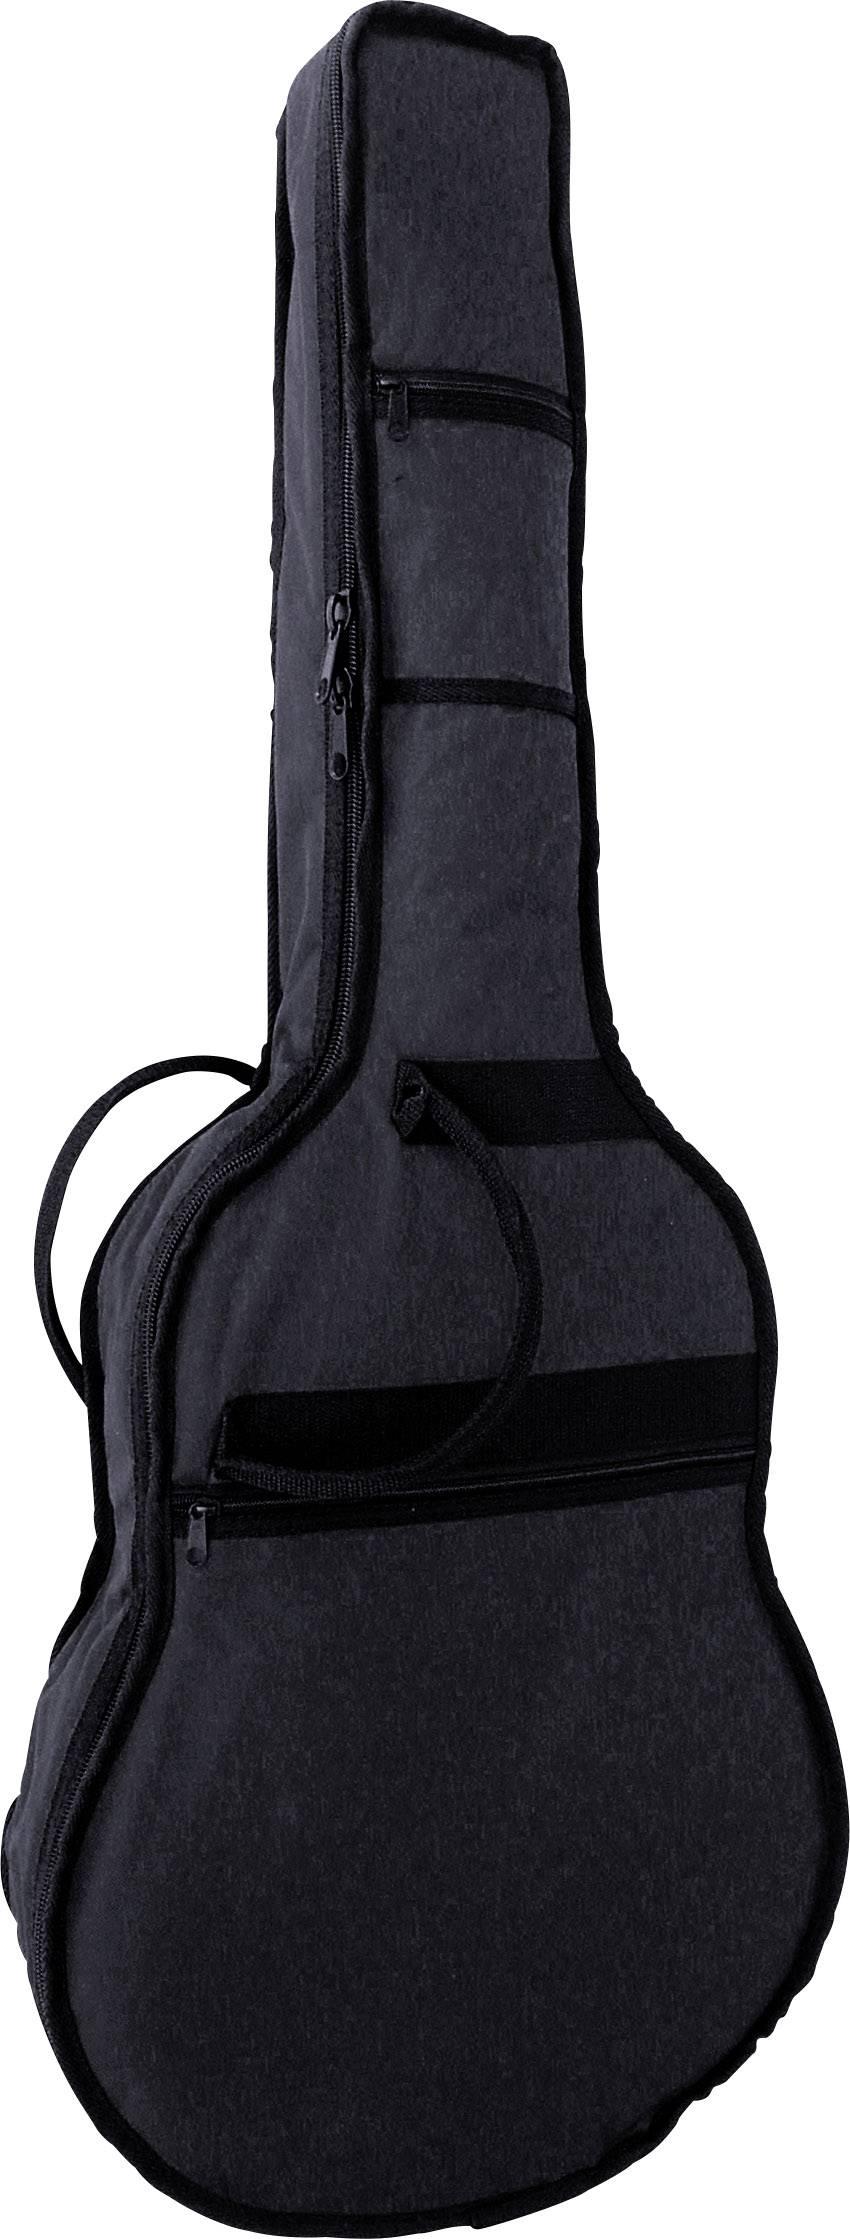 Borsa per chitarra da concerto